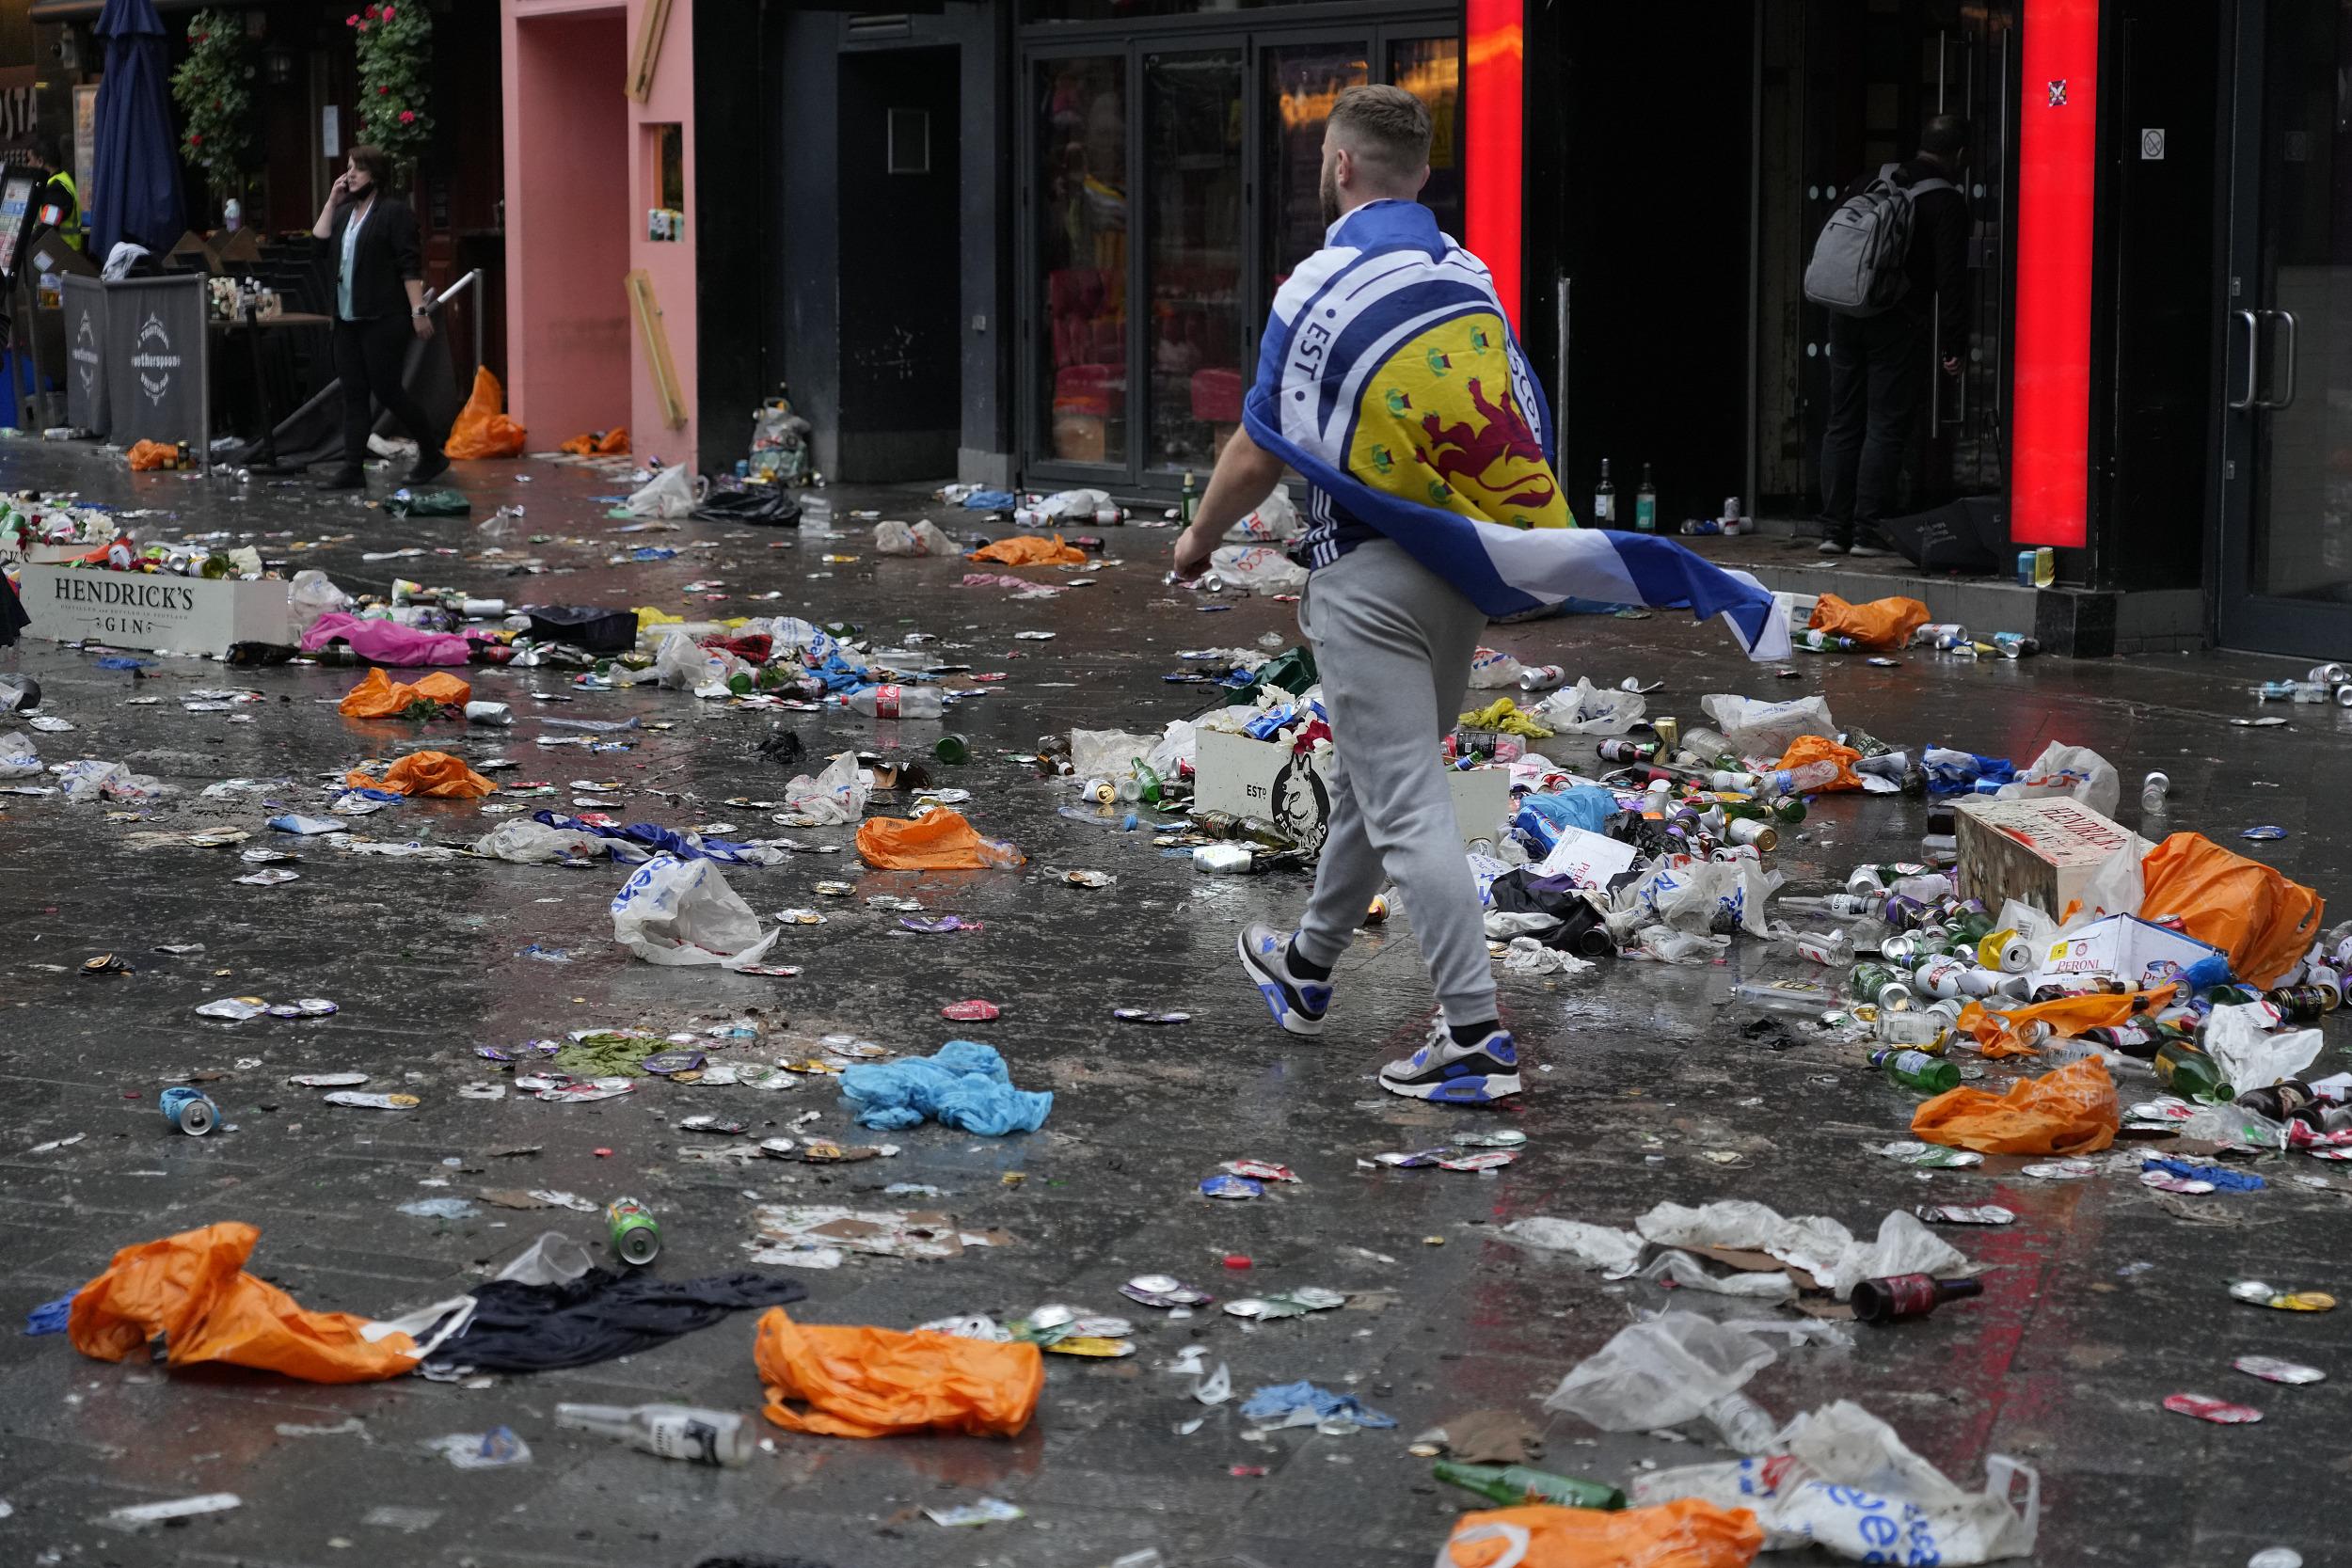 苏格兰球迷走后,留下满地垃圾。